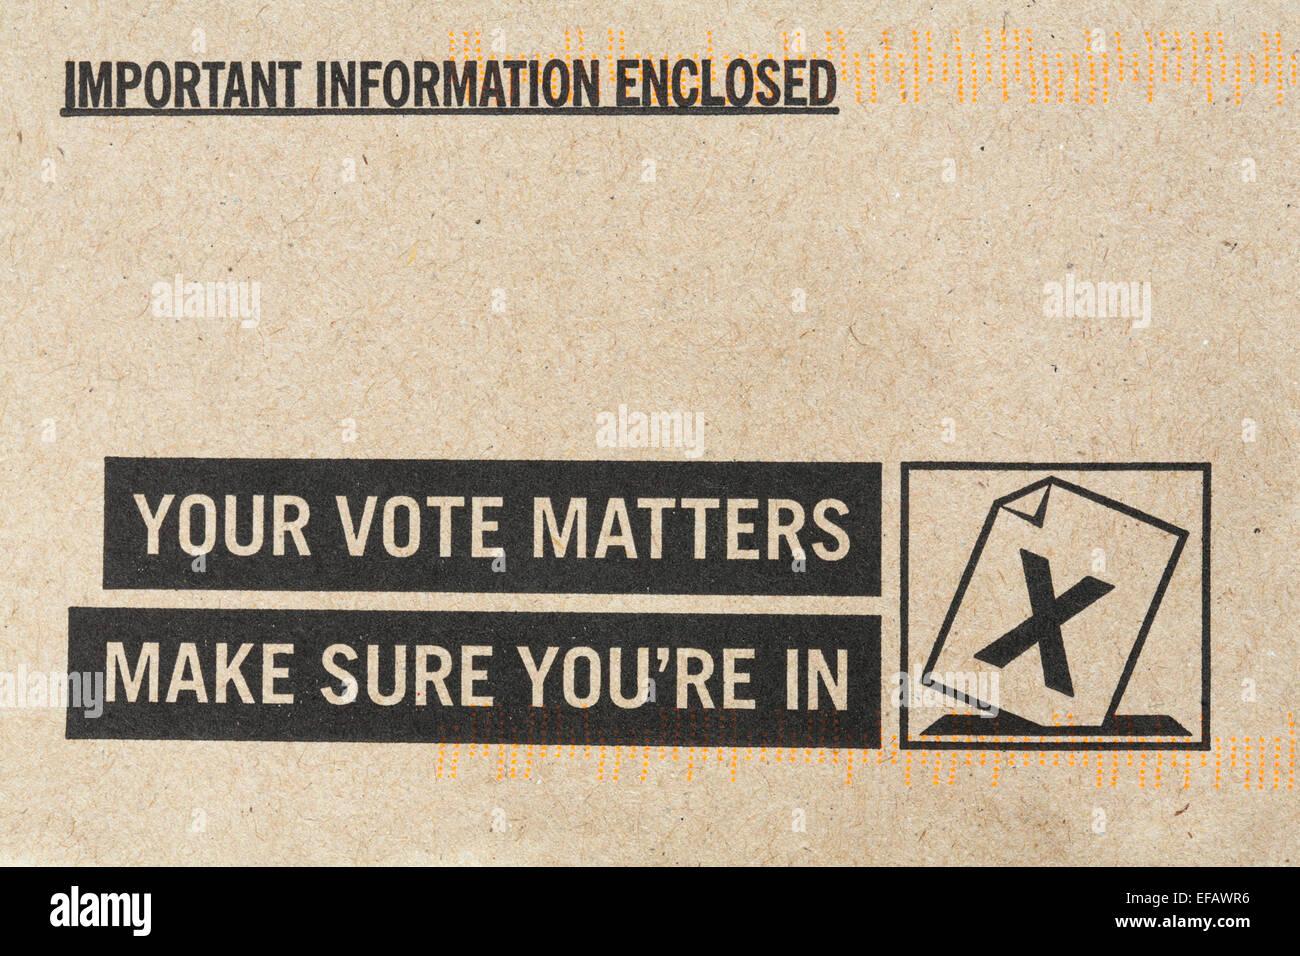 Informations importantes ci-joint votre vote Assurez-vous que vous êtes dans l'enveloppe - détails Photo Stock